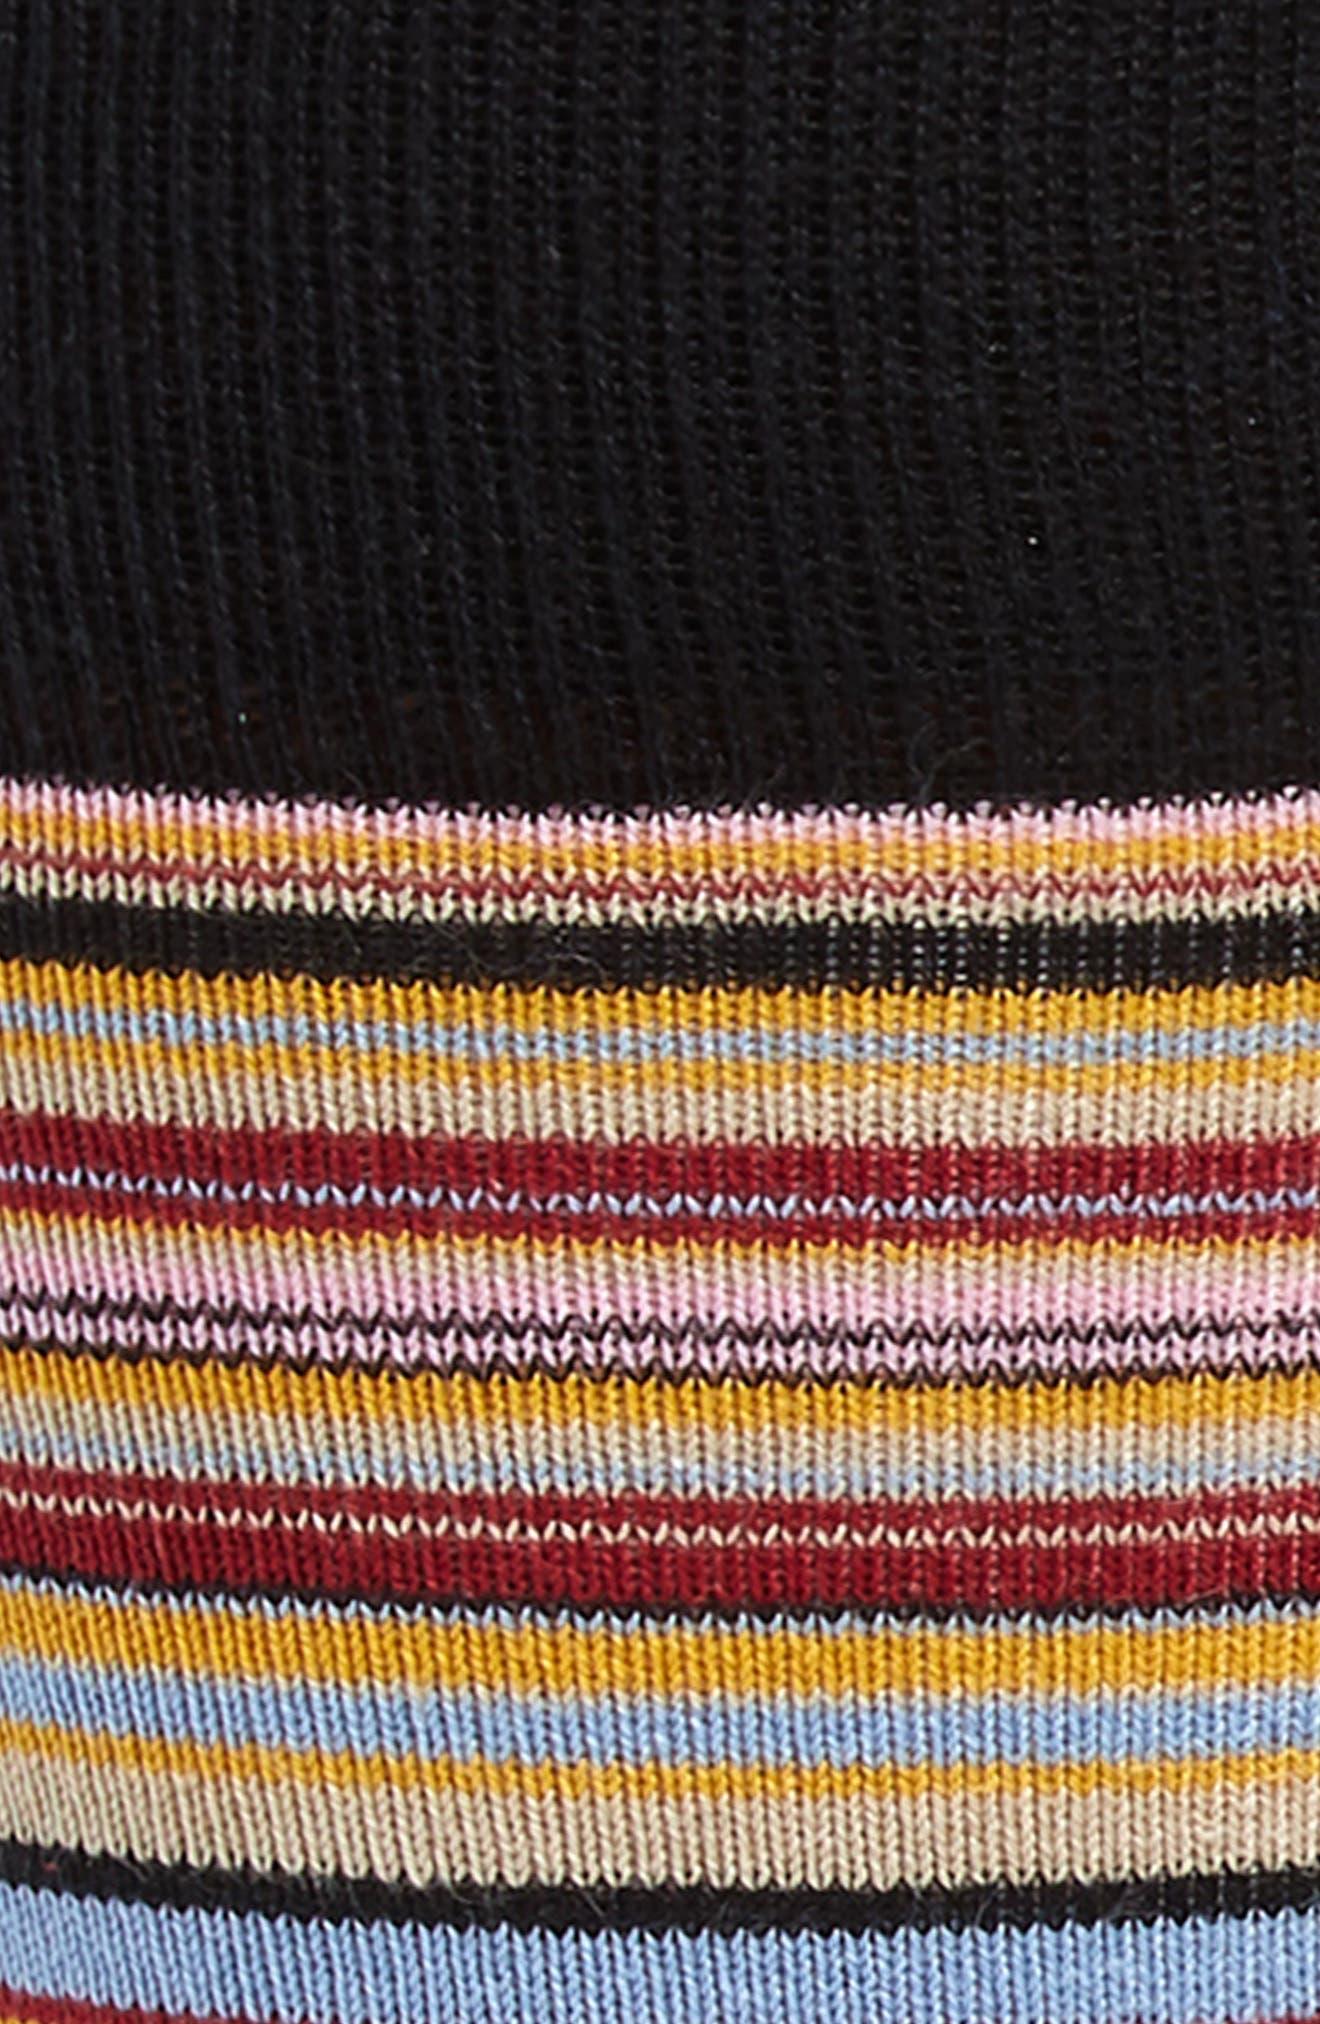 3-Pack Stripe Socks,                             Alternate thumbnail 2, color,                             RED/ BLUE MULTI